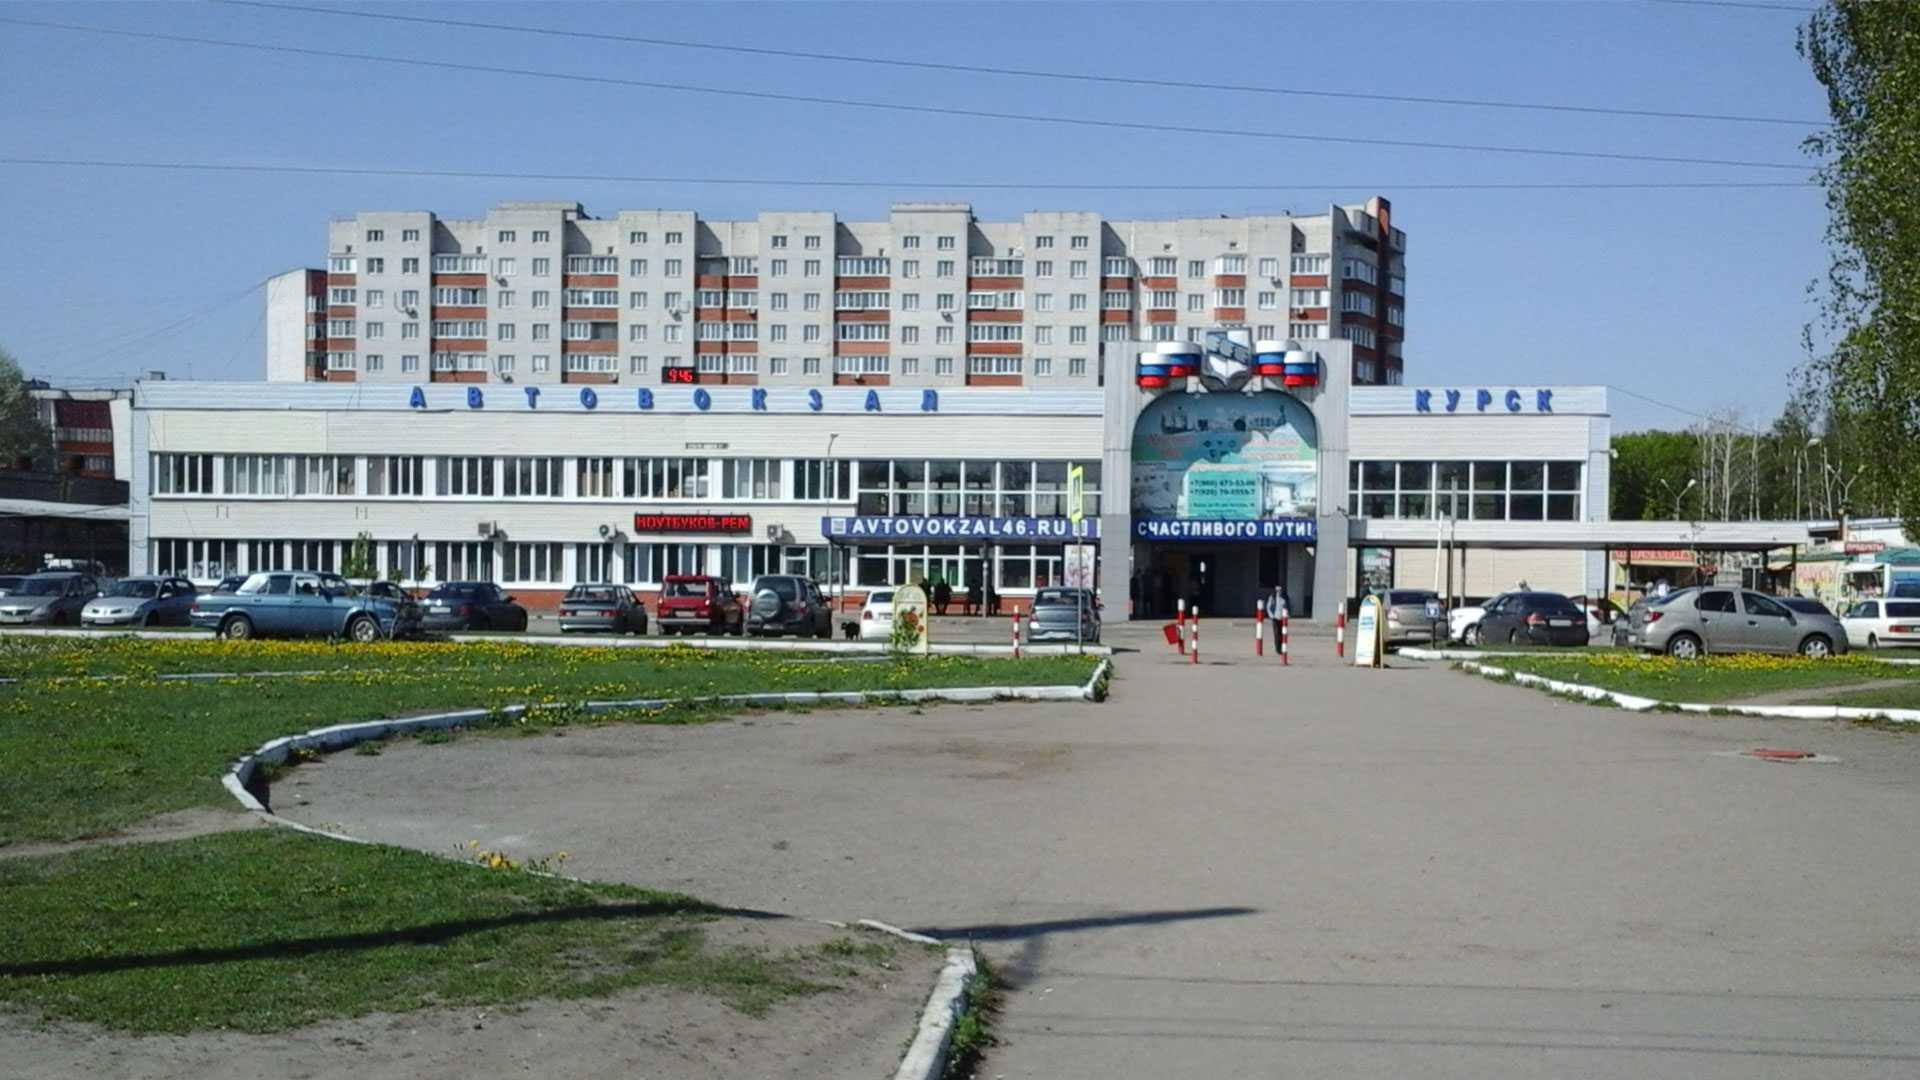 Автовокзал Курск. Полная информация: расписание автобусов, билеты, телефоны, инфраструктура